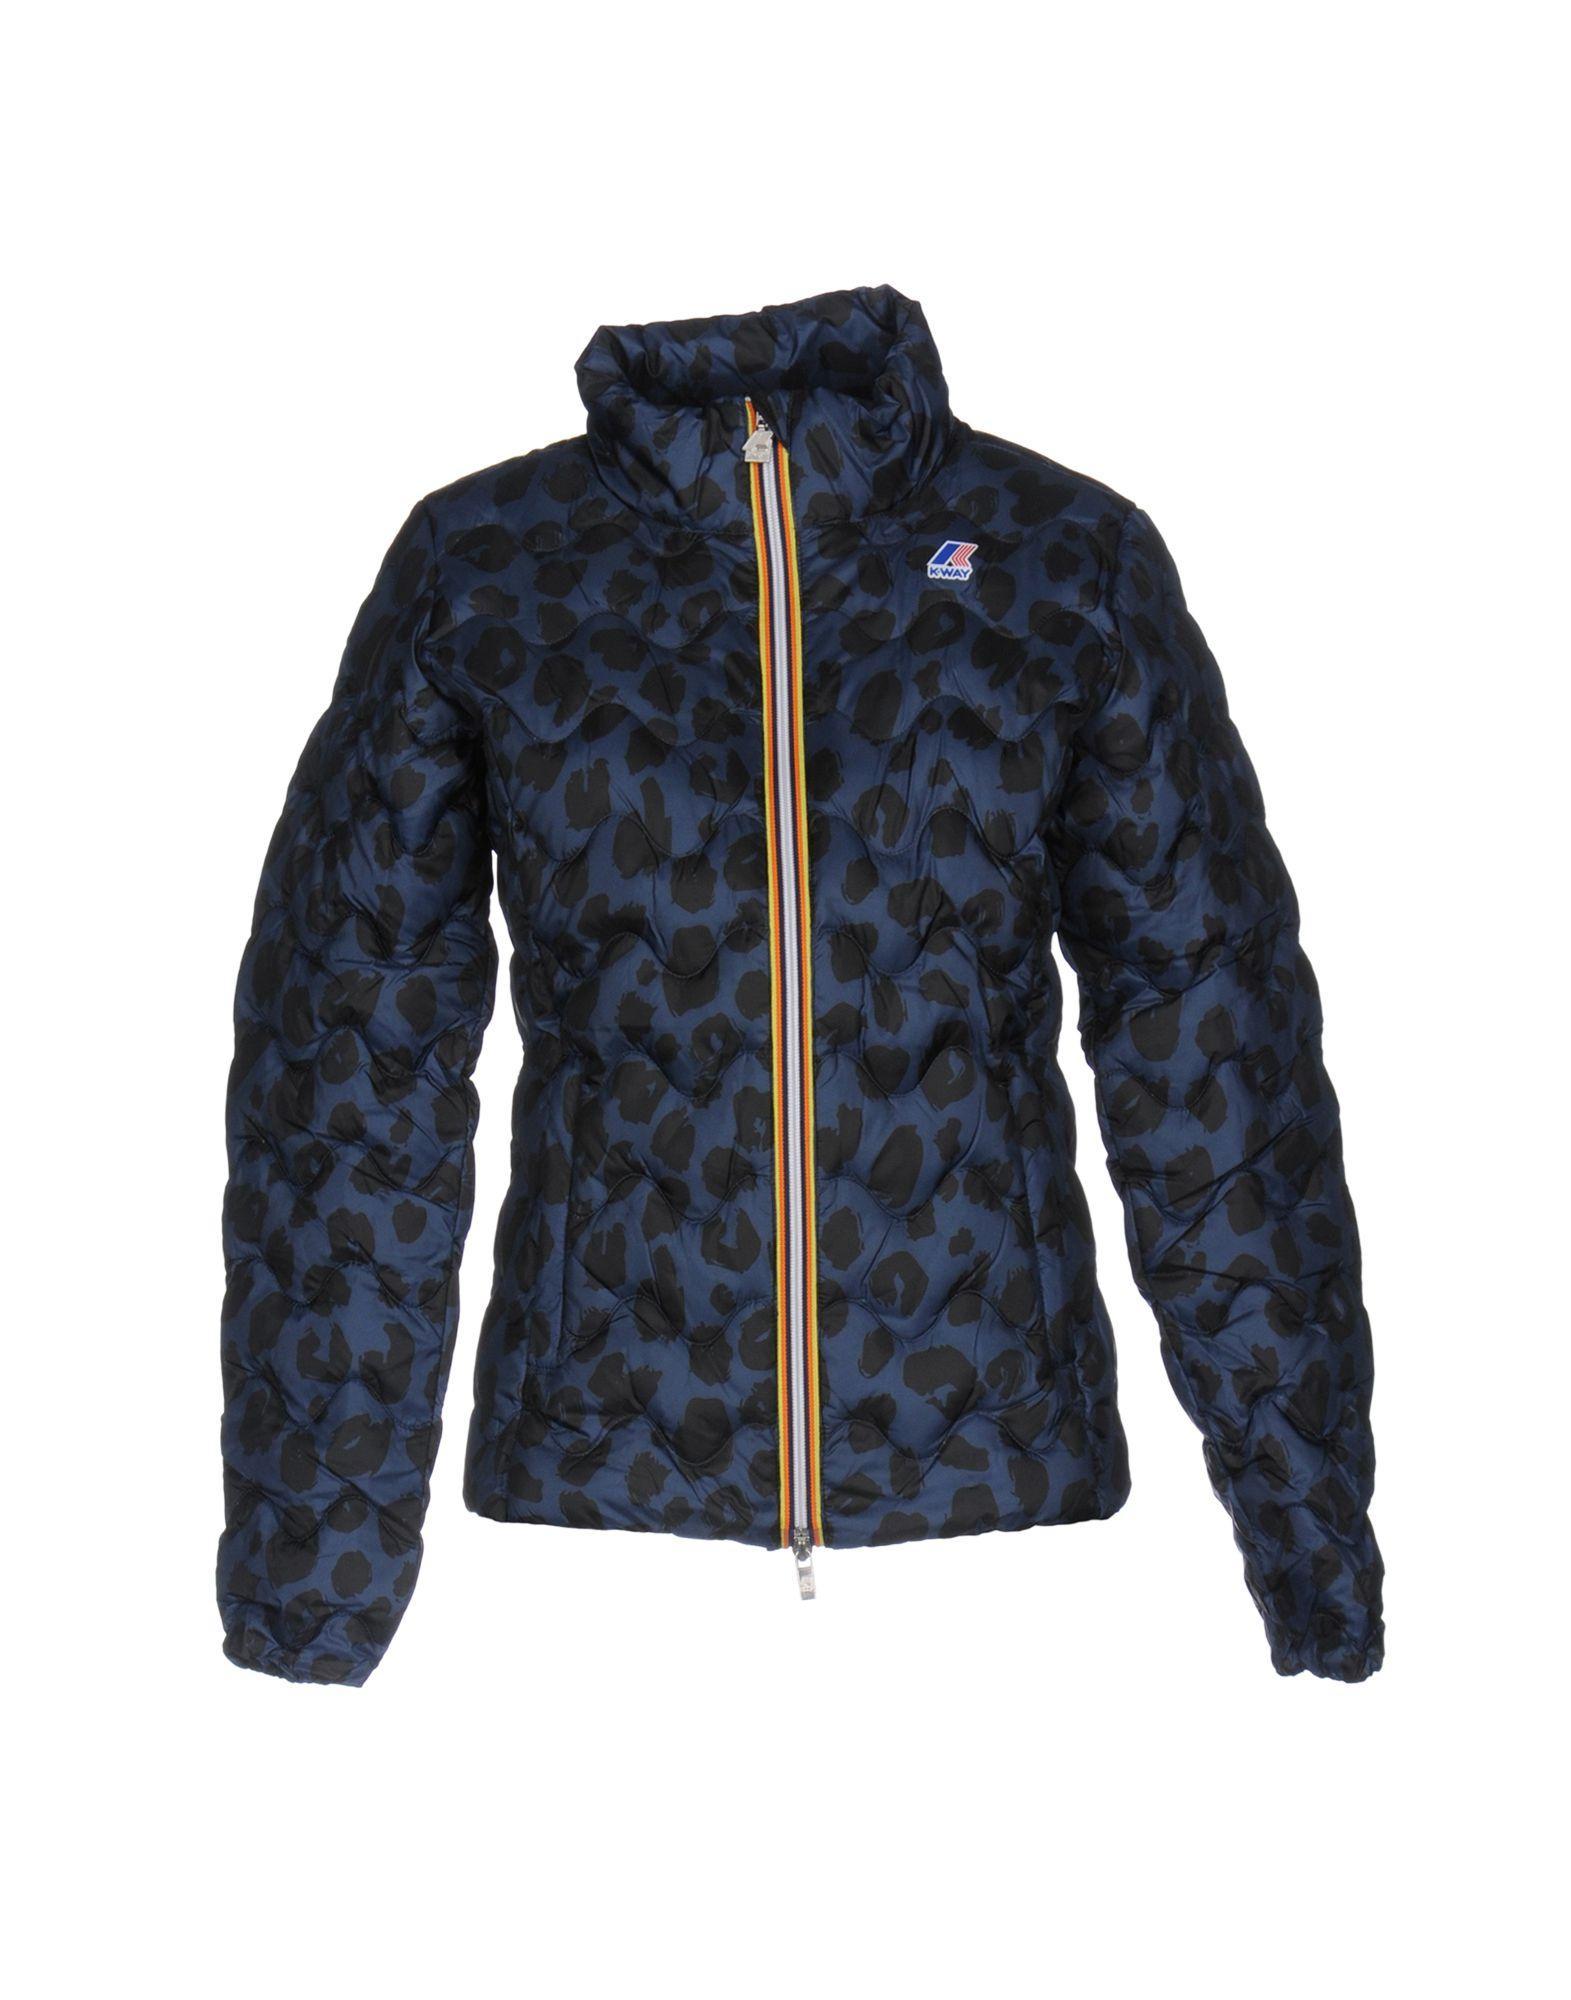 K-way Down Jacket In Dark Blue